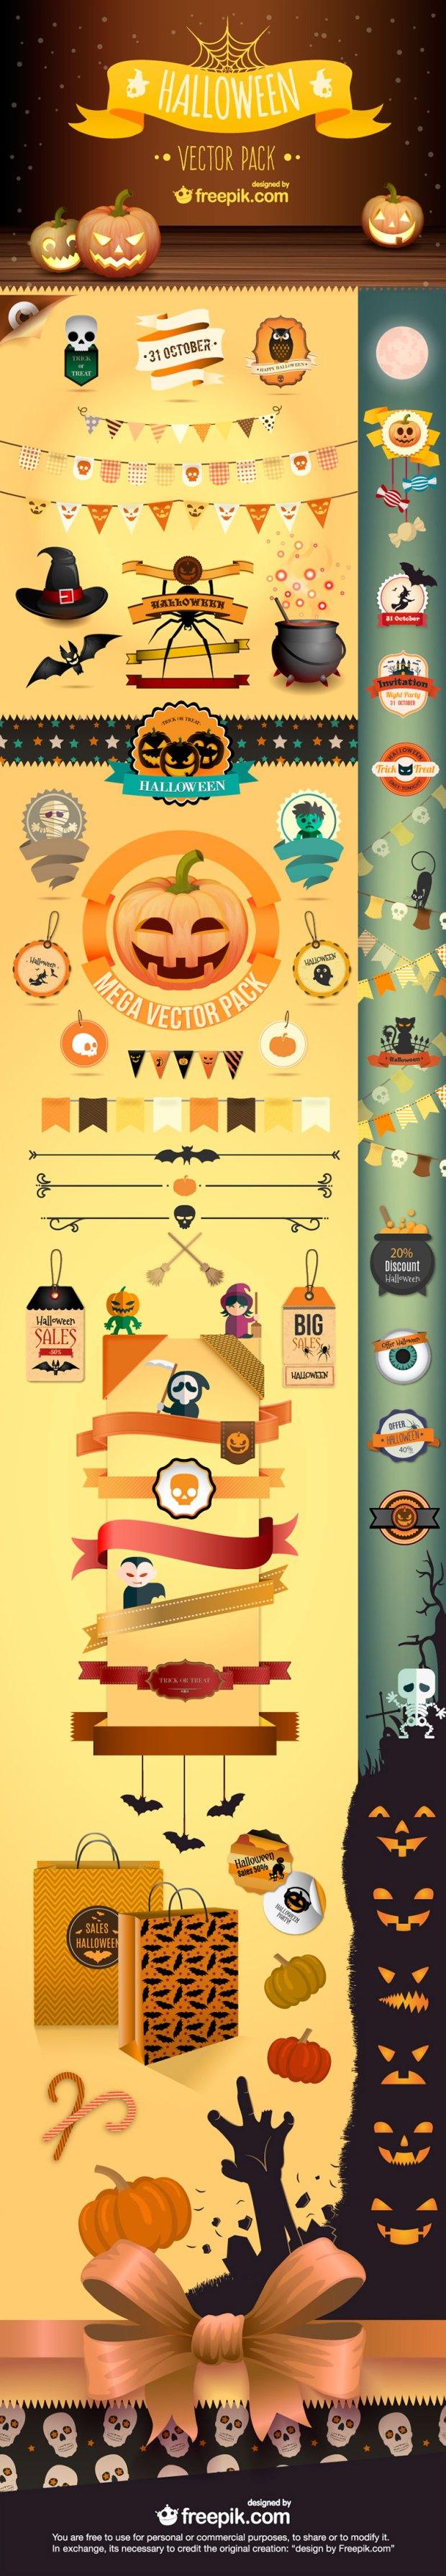 Free download: Halloween vector pack